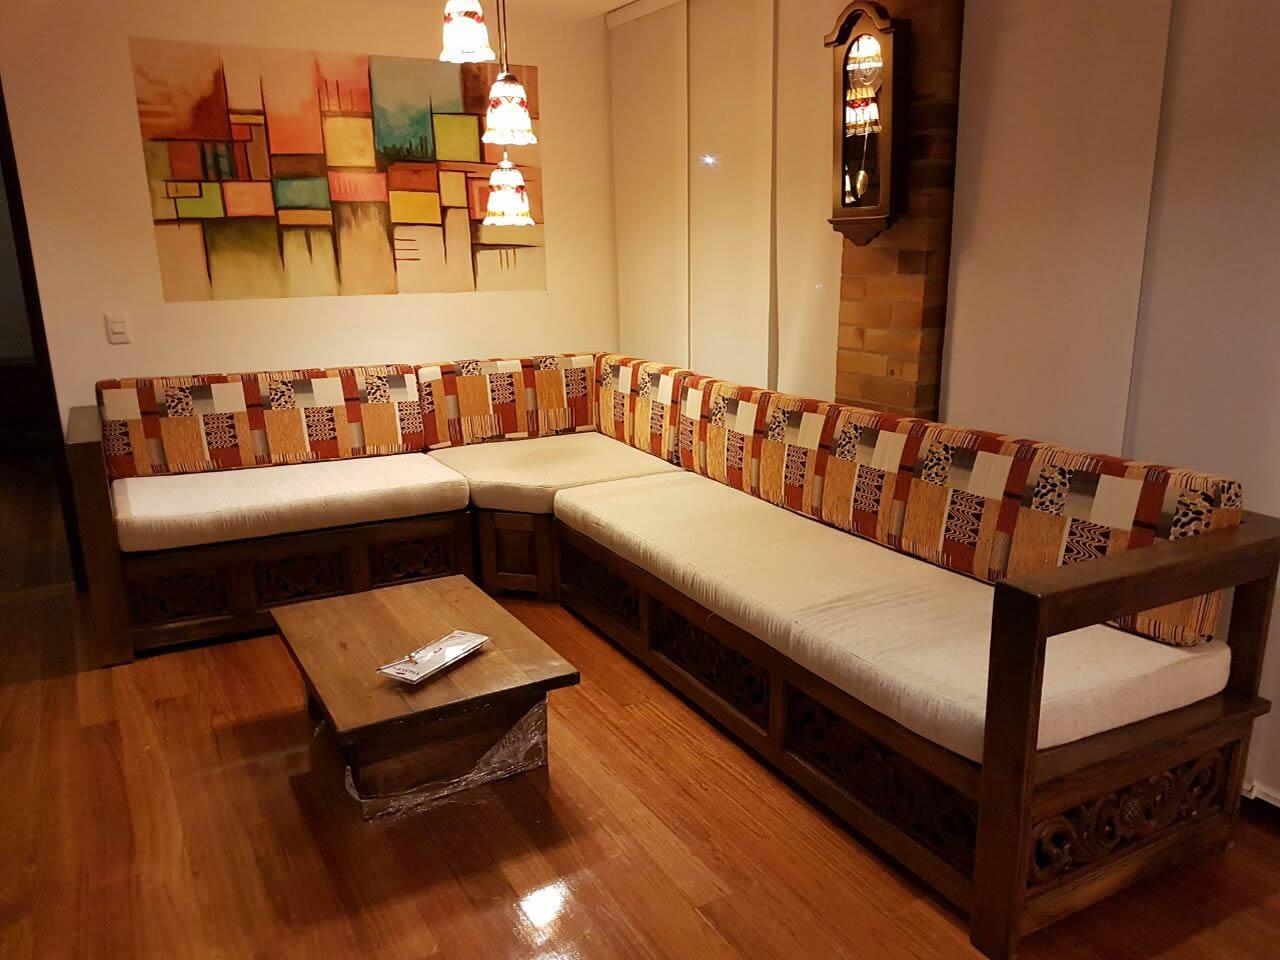 sofa cama bogota venta leather power recliner canada muebles rústicos bogotá cedritos guarda bosques